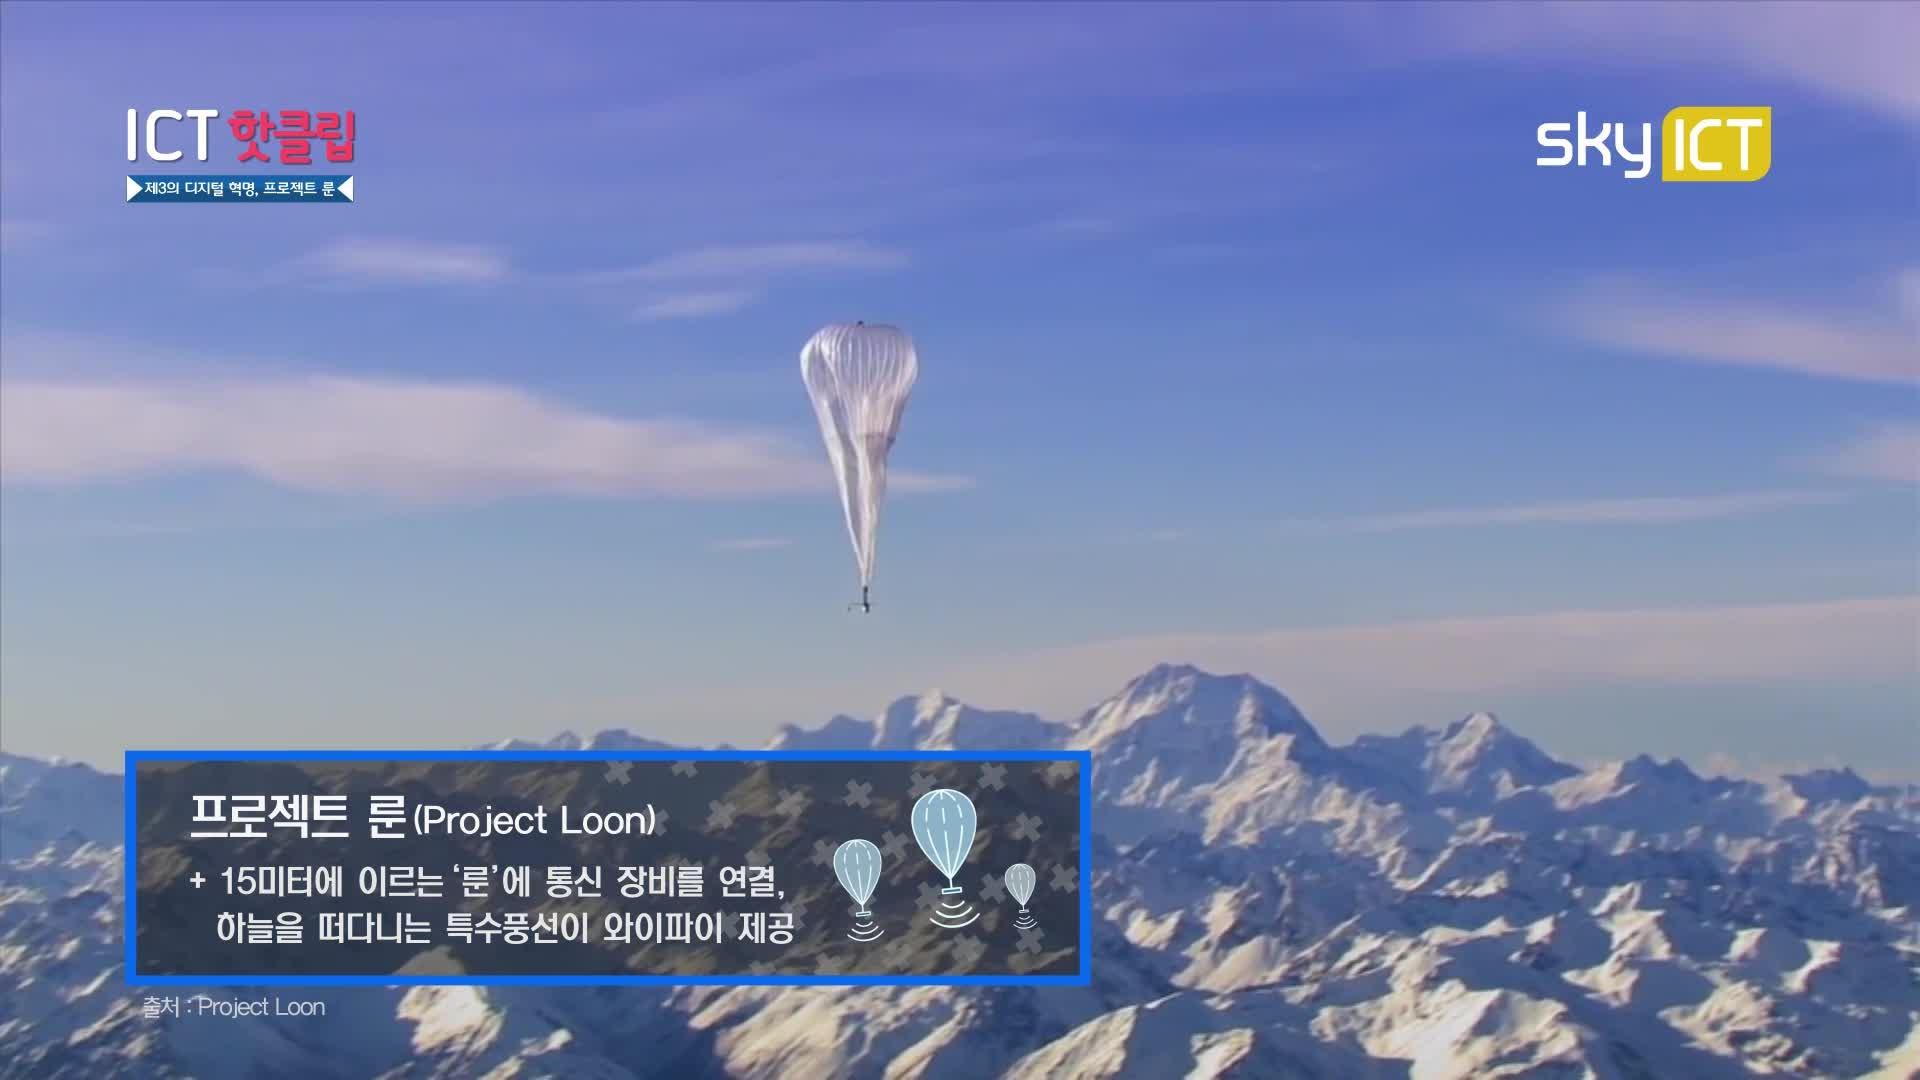 제 3의 디지털 혁명, 프로젝트 룬_ICT 핫클립